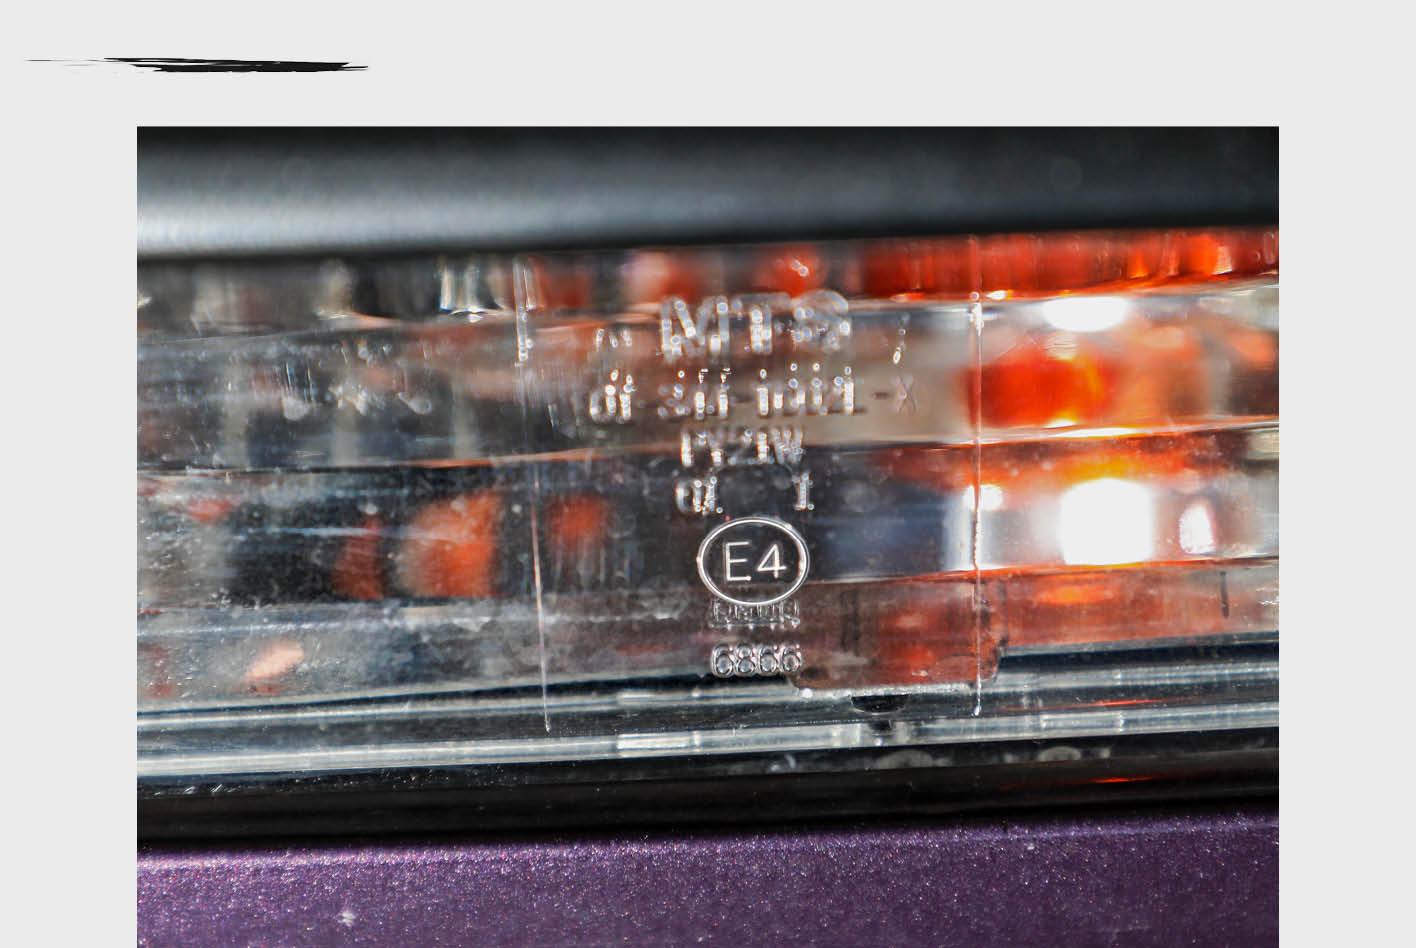 Auto-Beleuchtung: Alle Scheinwerfer benötigen ein E-Prüfzeichen.